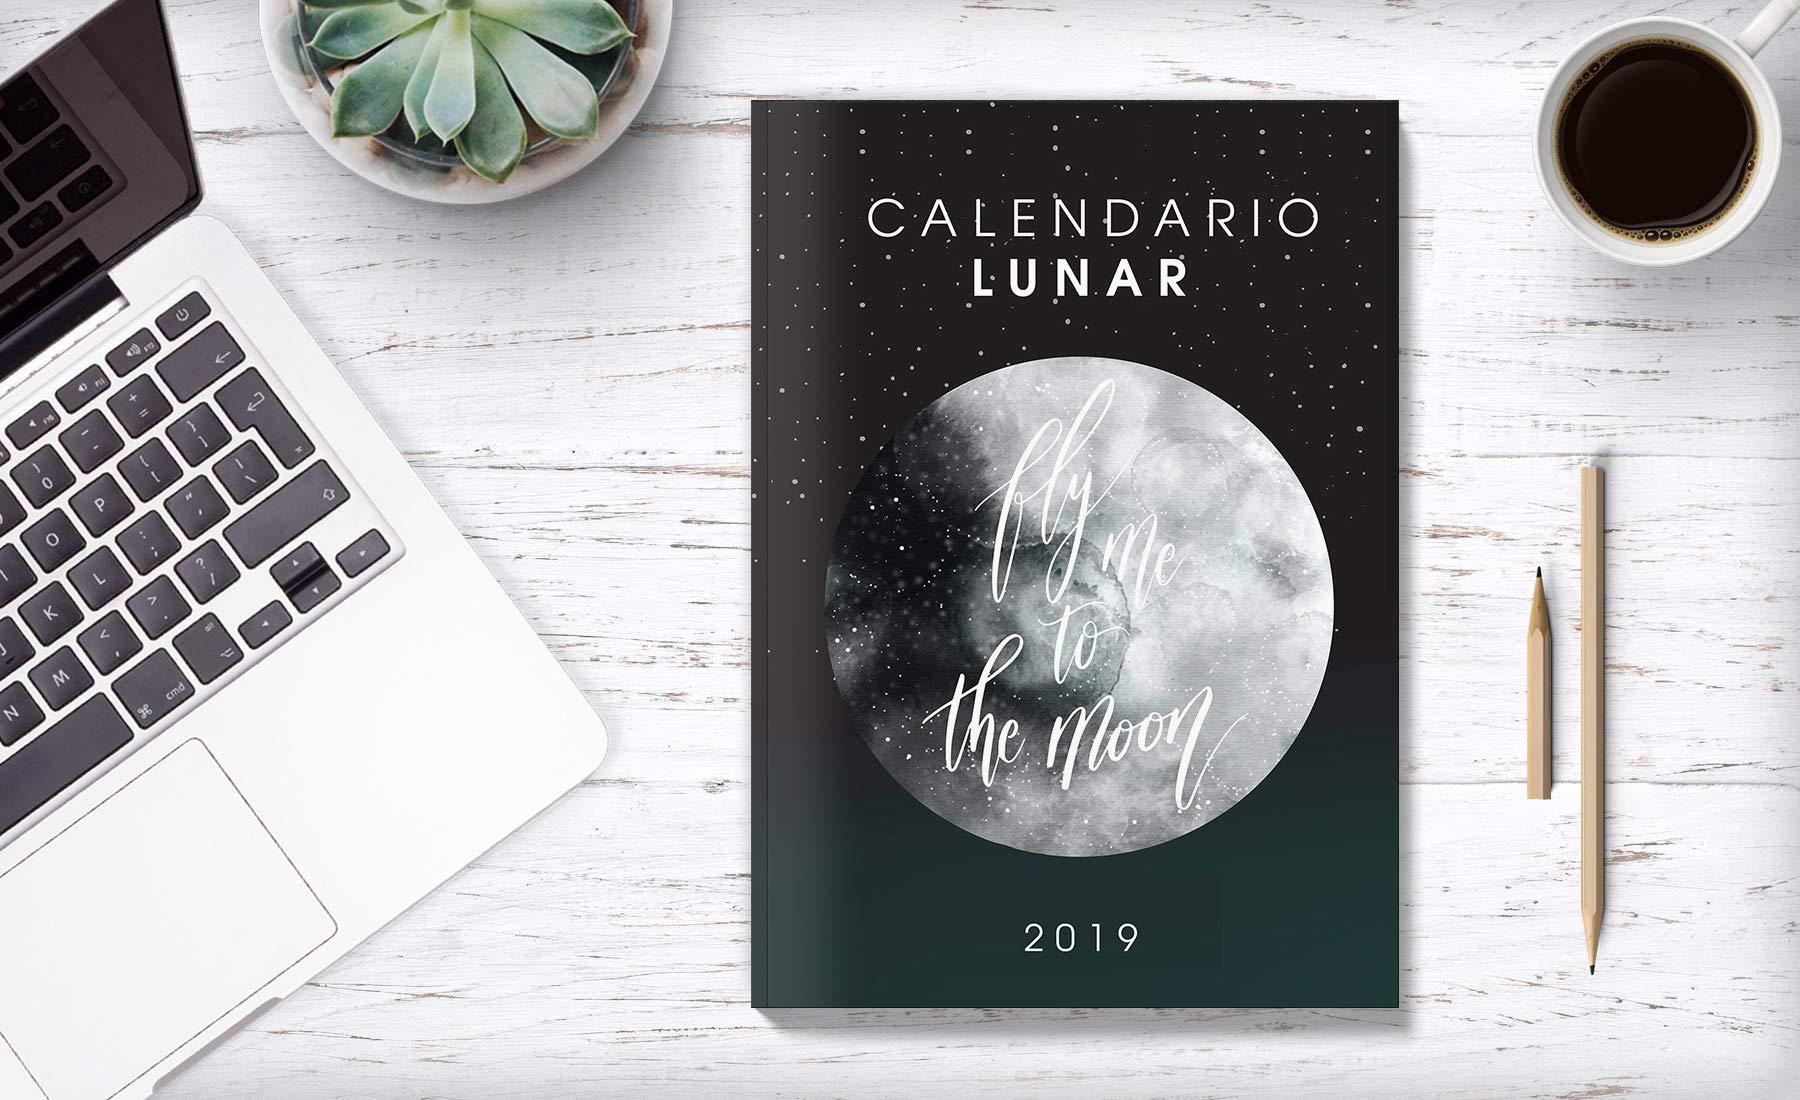 Calendario Lunar 2019: Calendario Lunar 2019 - Planificar y ...